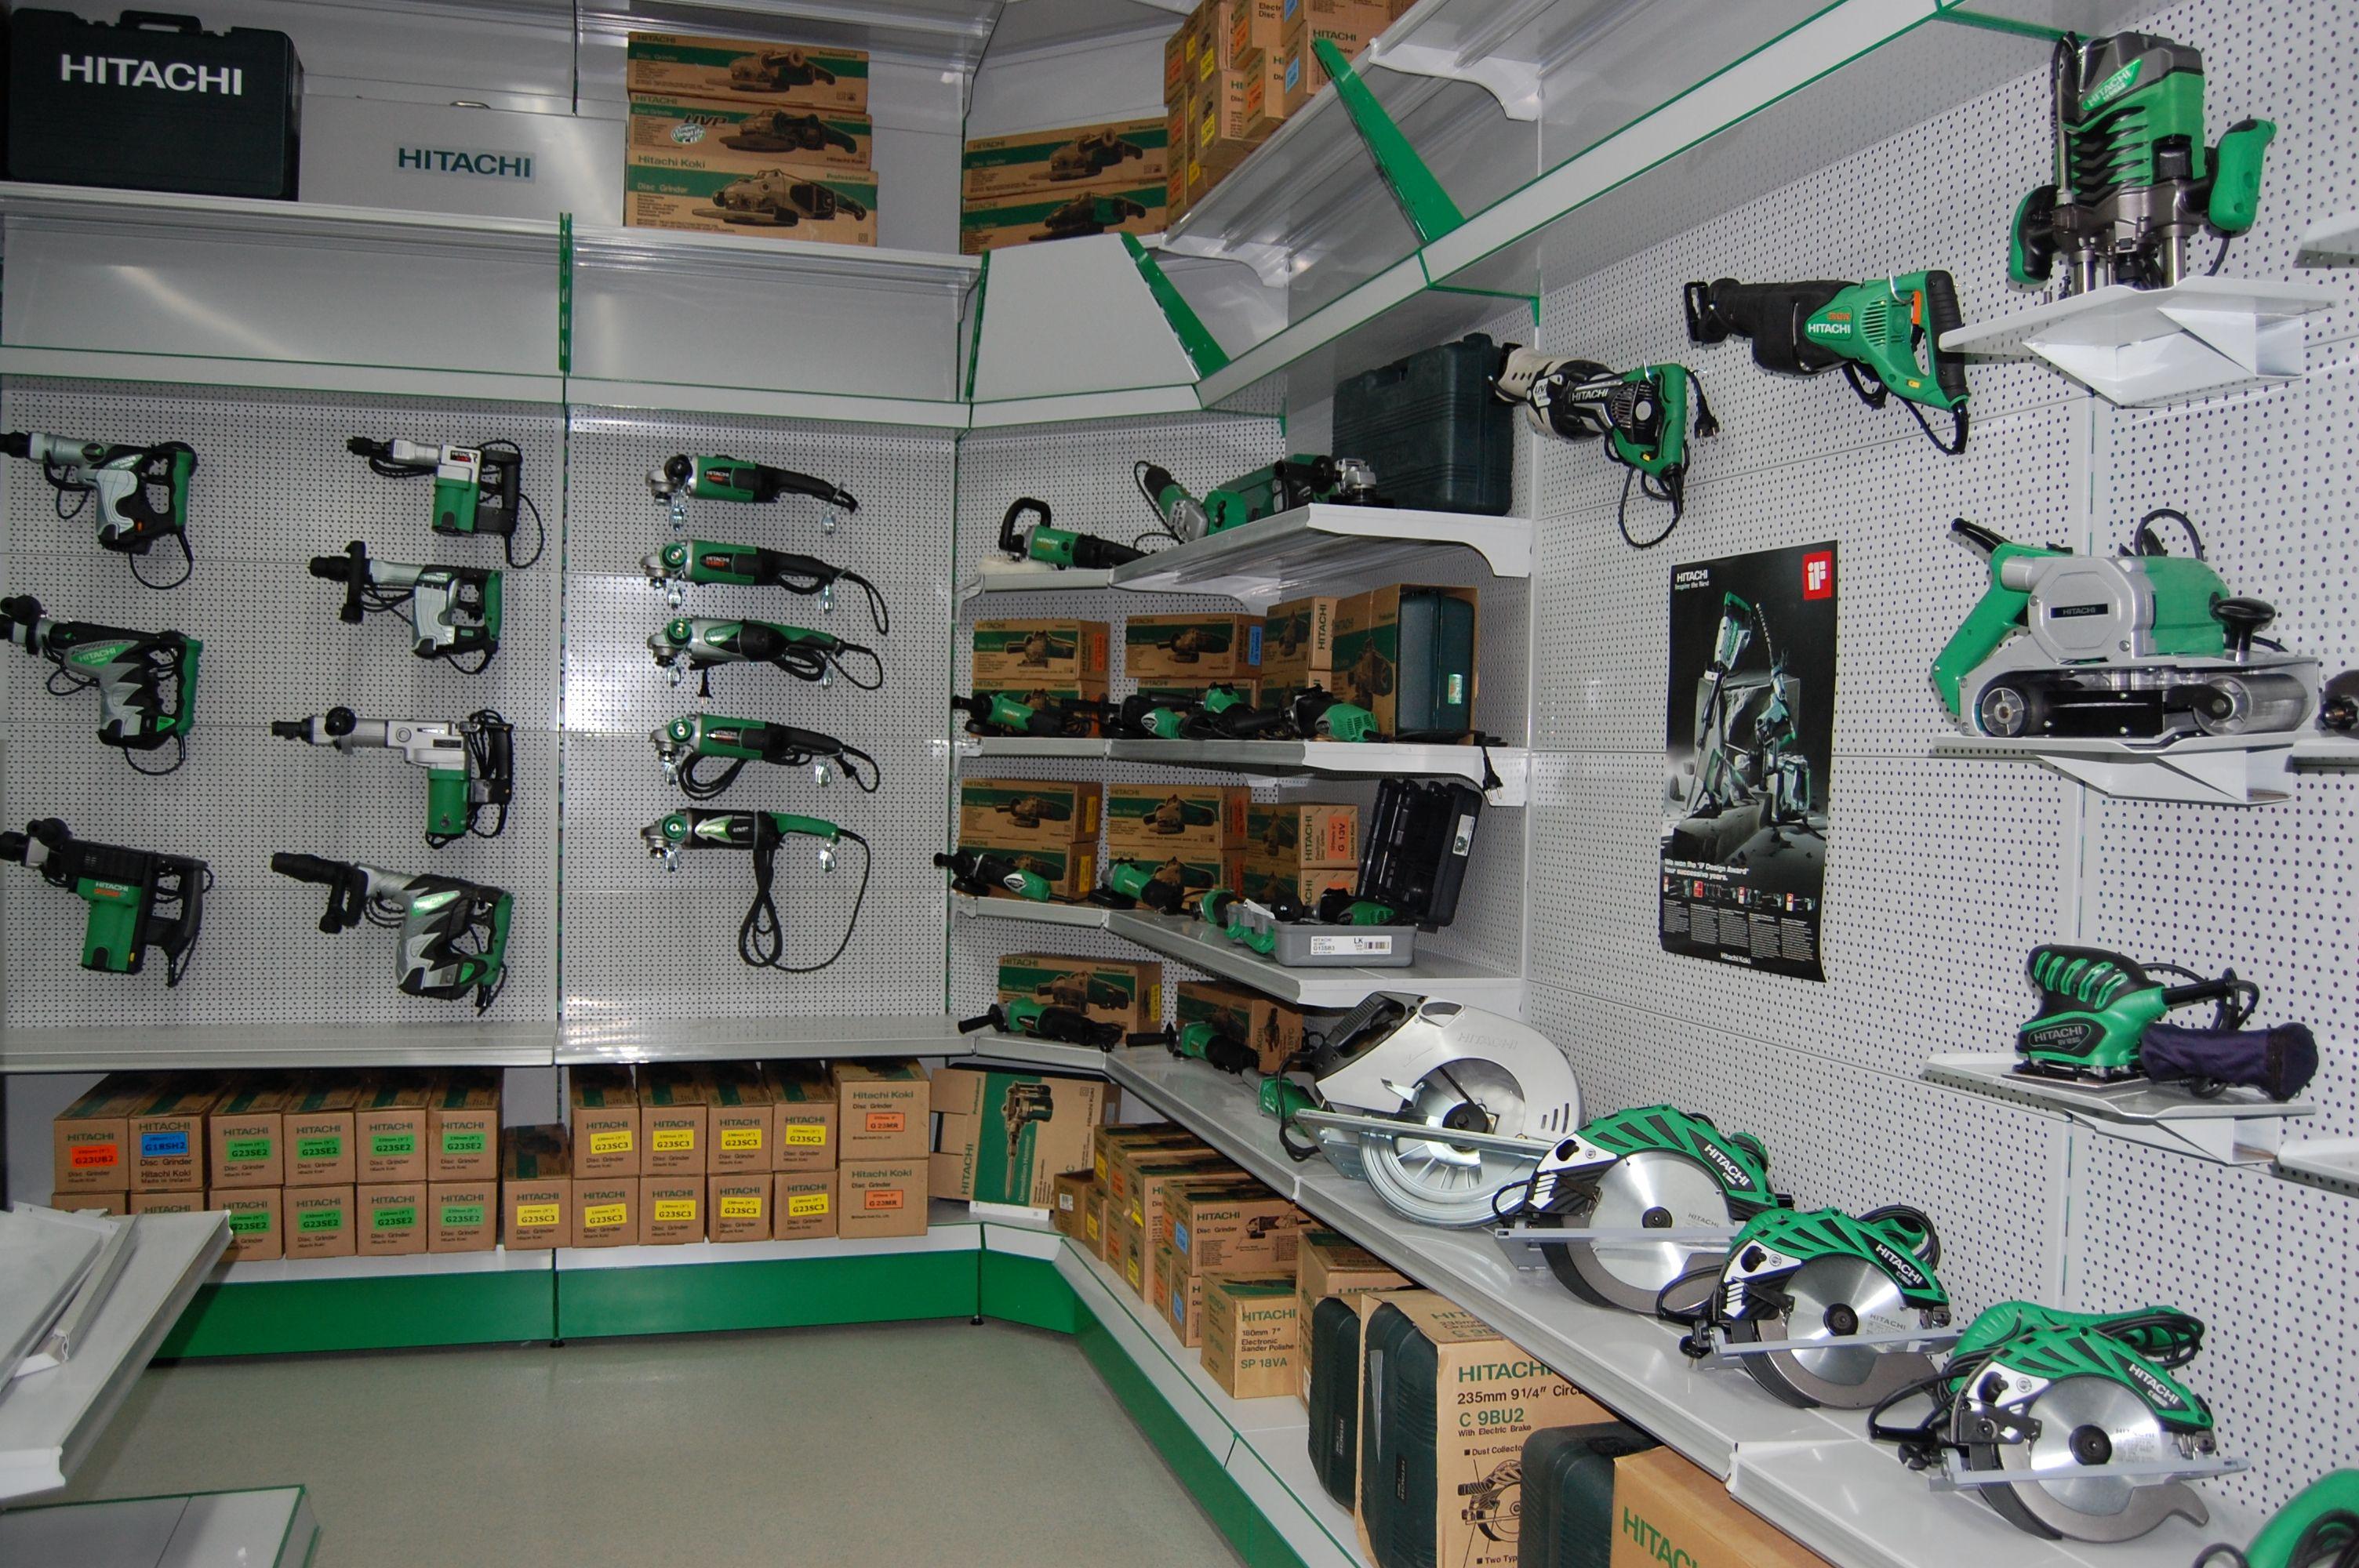 Maquinaria y herramienta: Productos de Etxegu